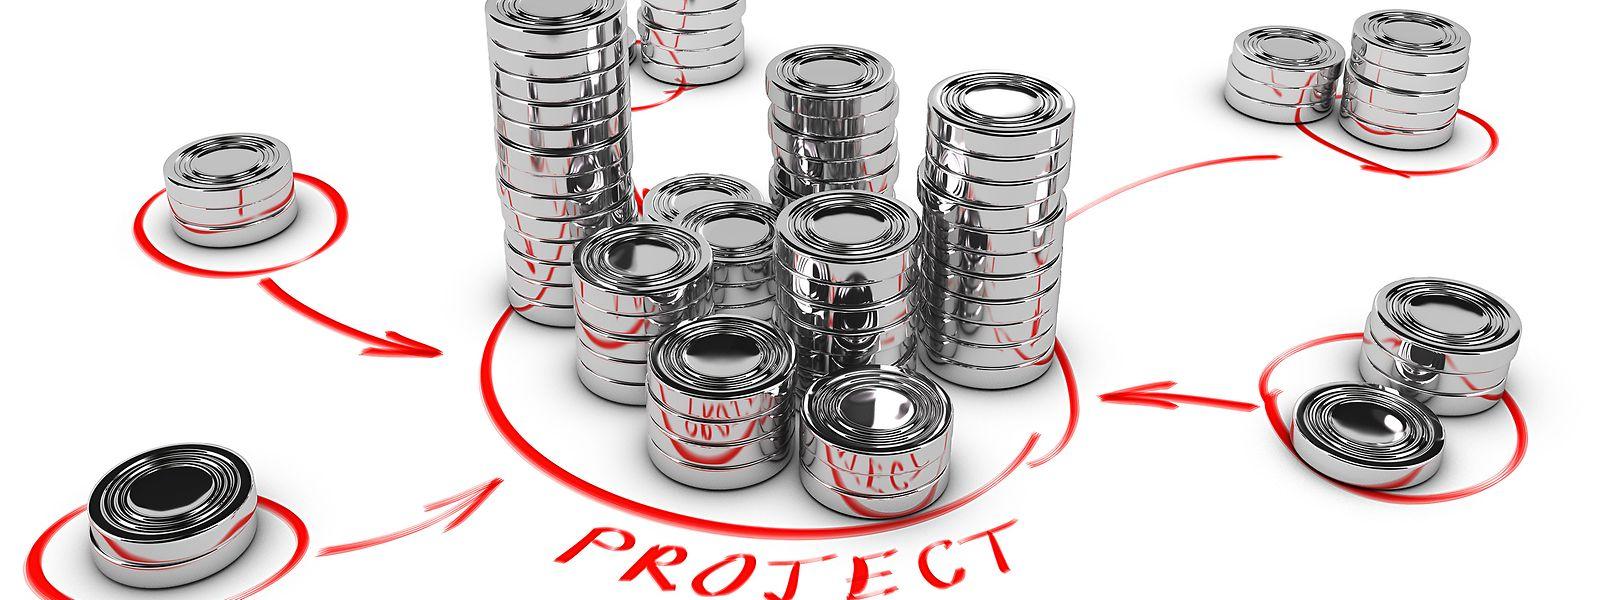 Bereits mit geringen Beträgen kann man durch Crowdfunding-Plattformen in Start-ups einsteigen.